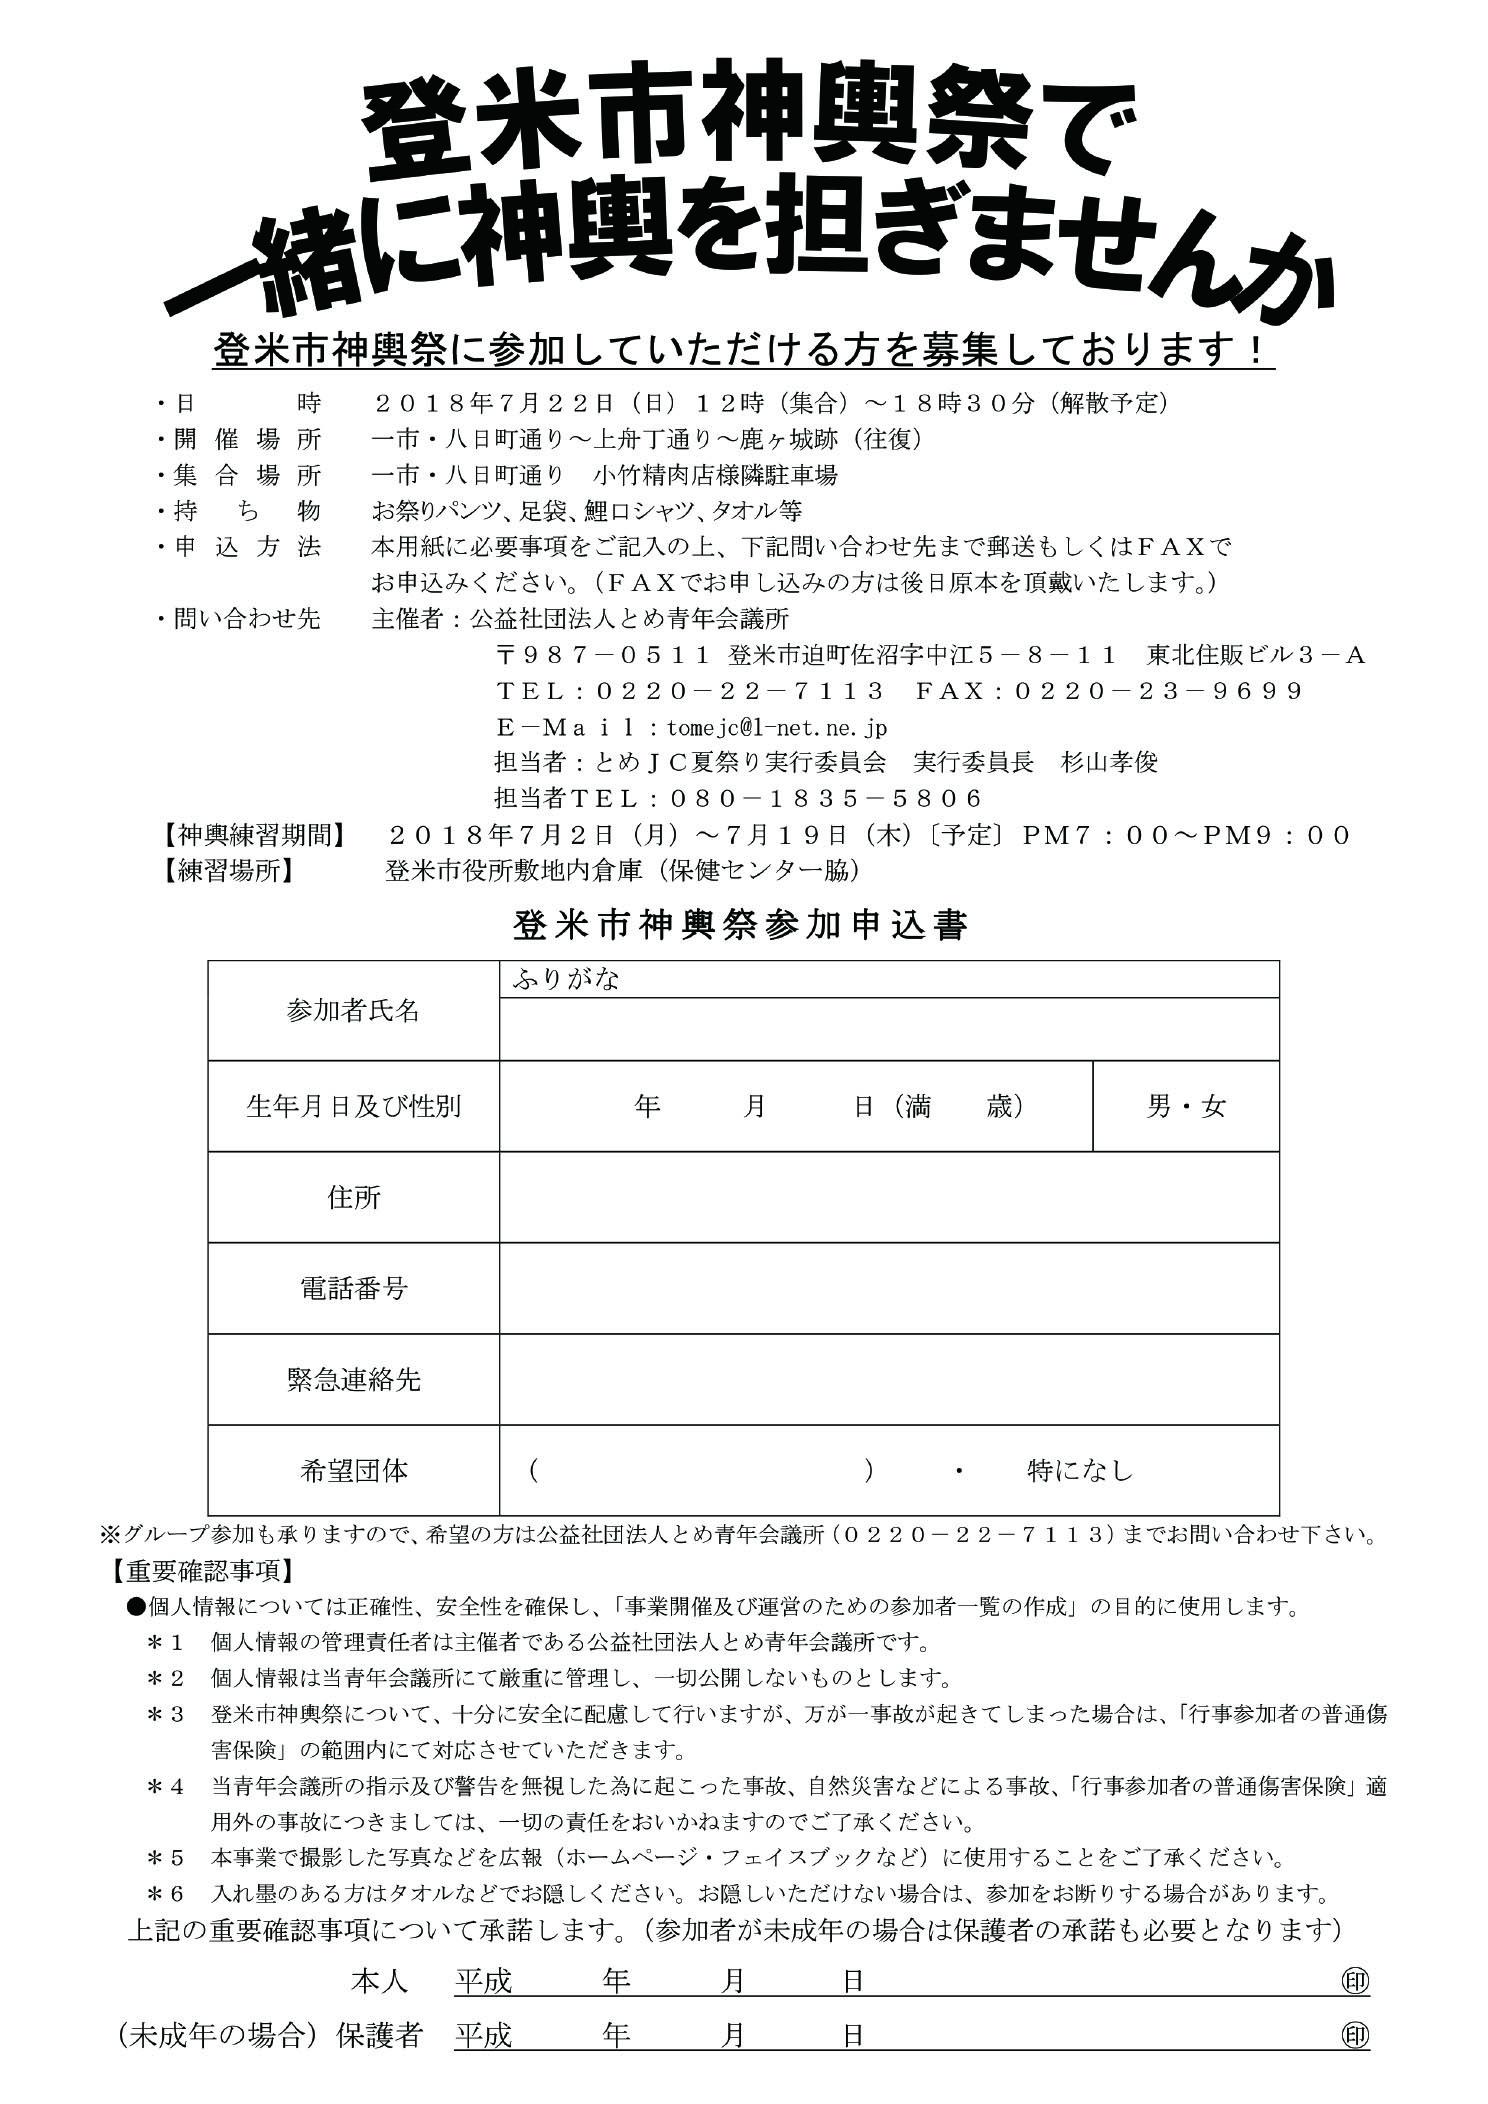 300411神輿祭 A4-2-2